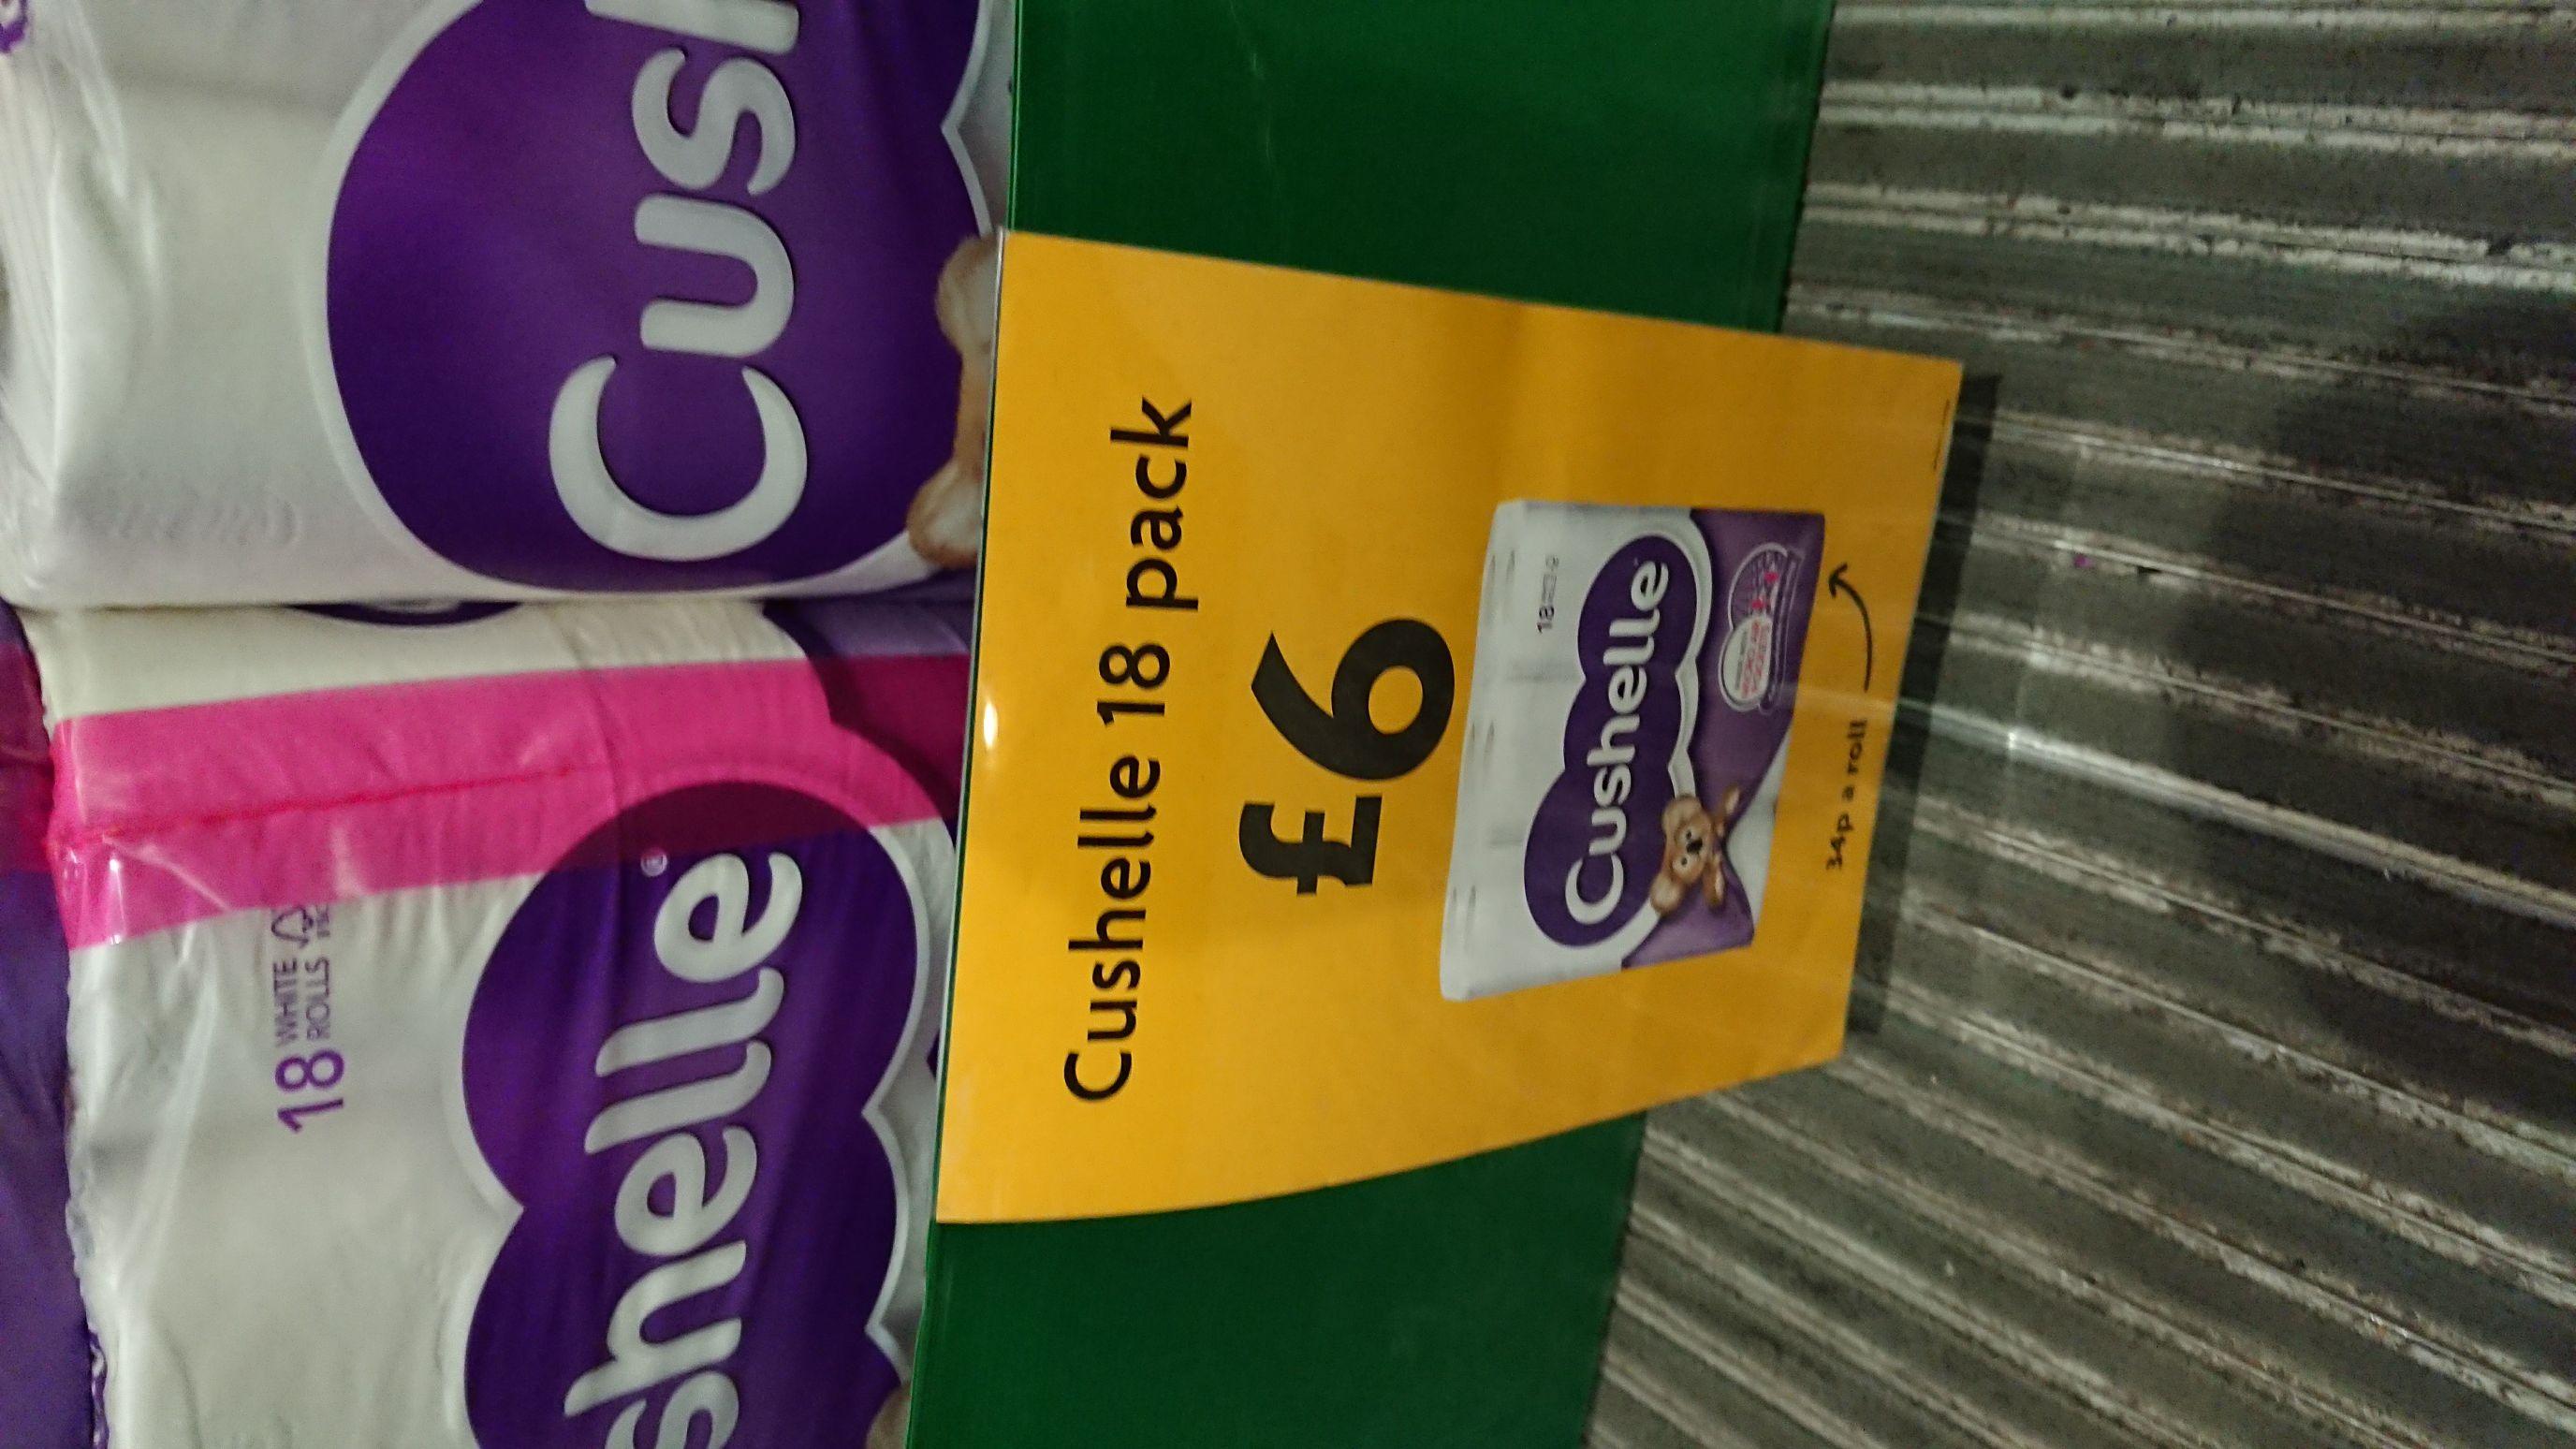 Cushelle 18 pack at Morrisons for £6